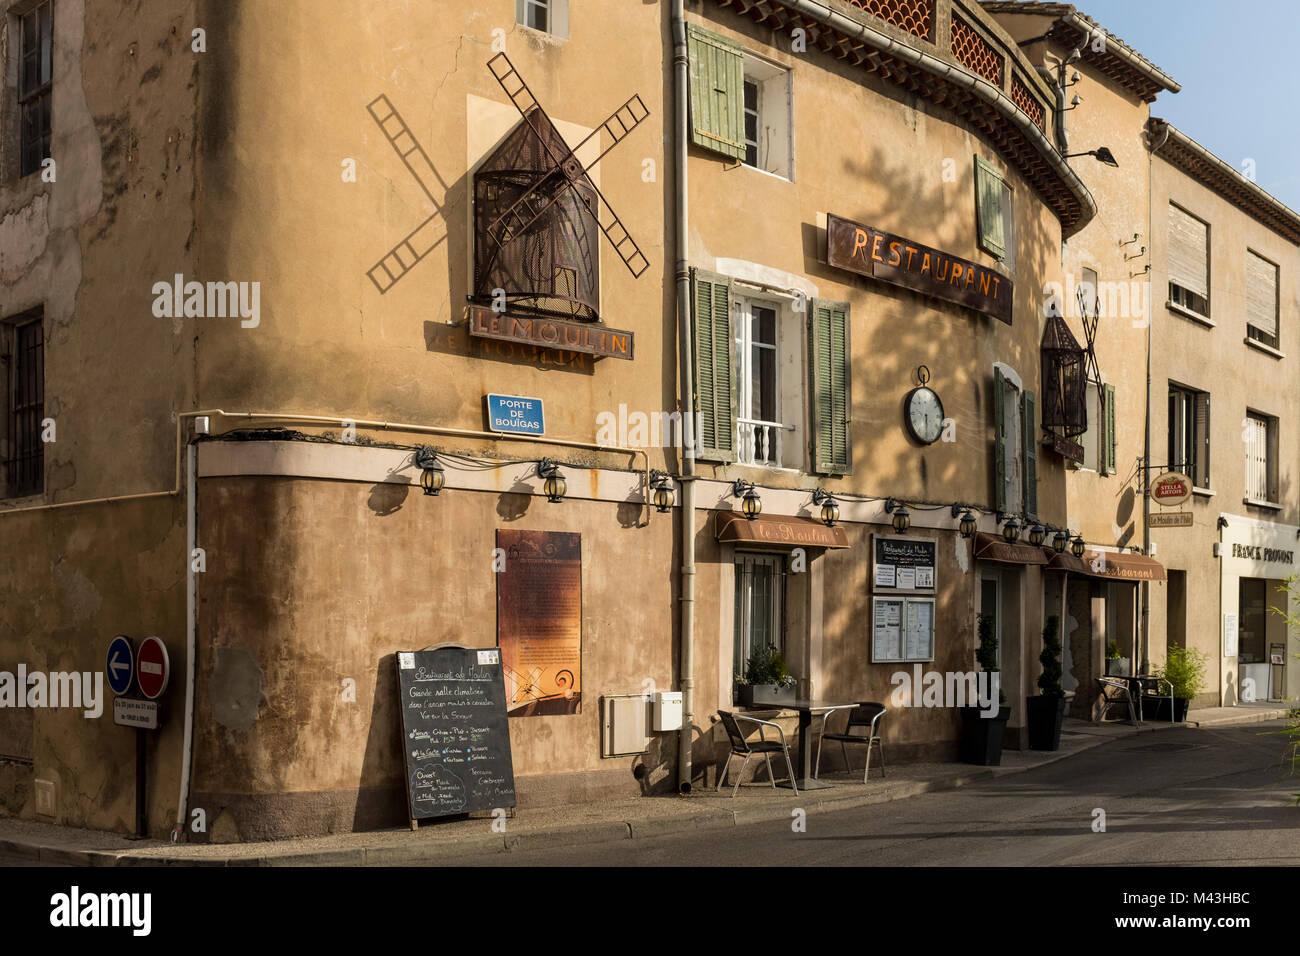 Restaurant Le Moulin, L'Isle sur la Sorgue, Vaucluse, PACA, France - Stock Image